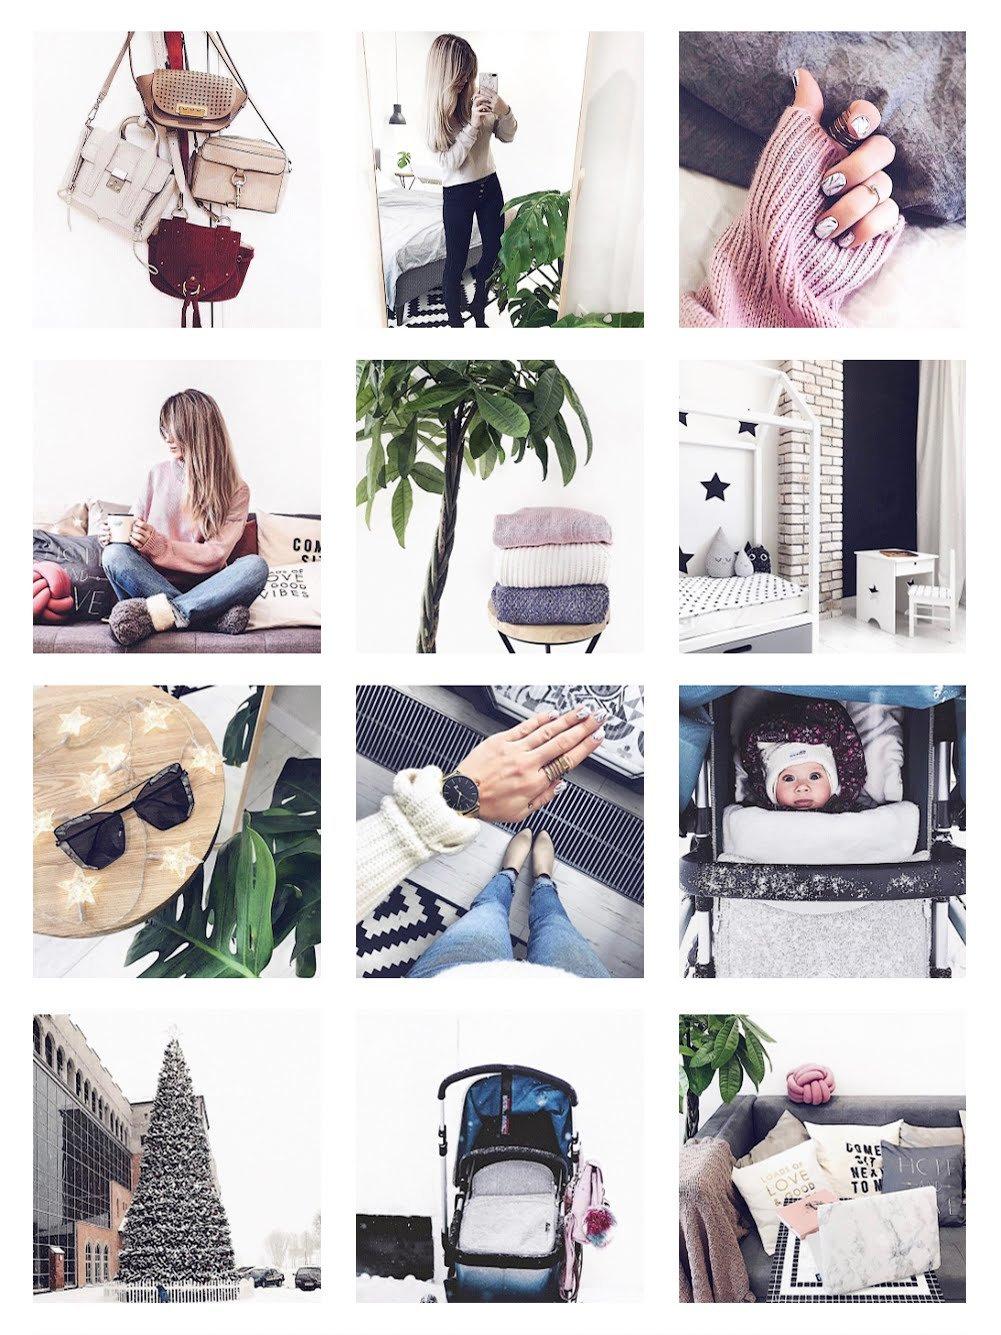 Как красиво оформить картинки в инстаграм, картинки